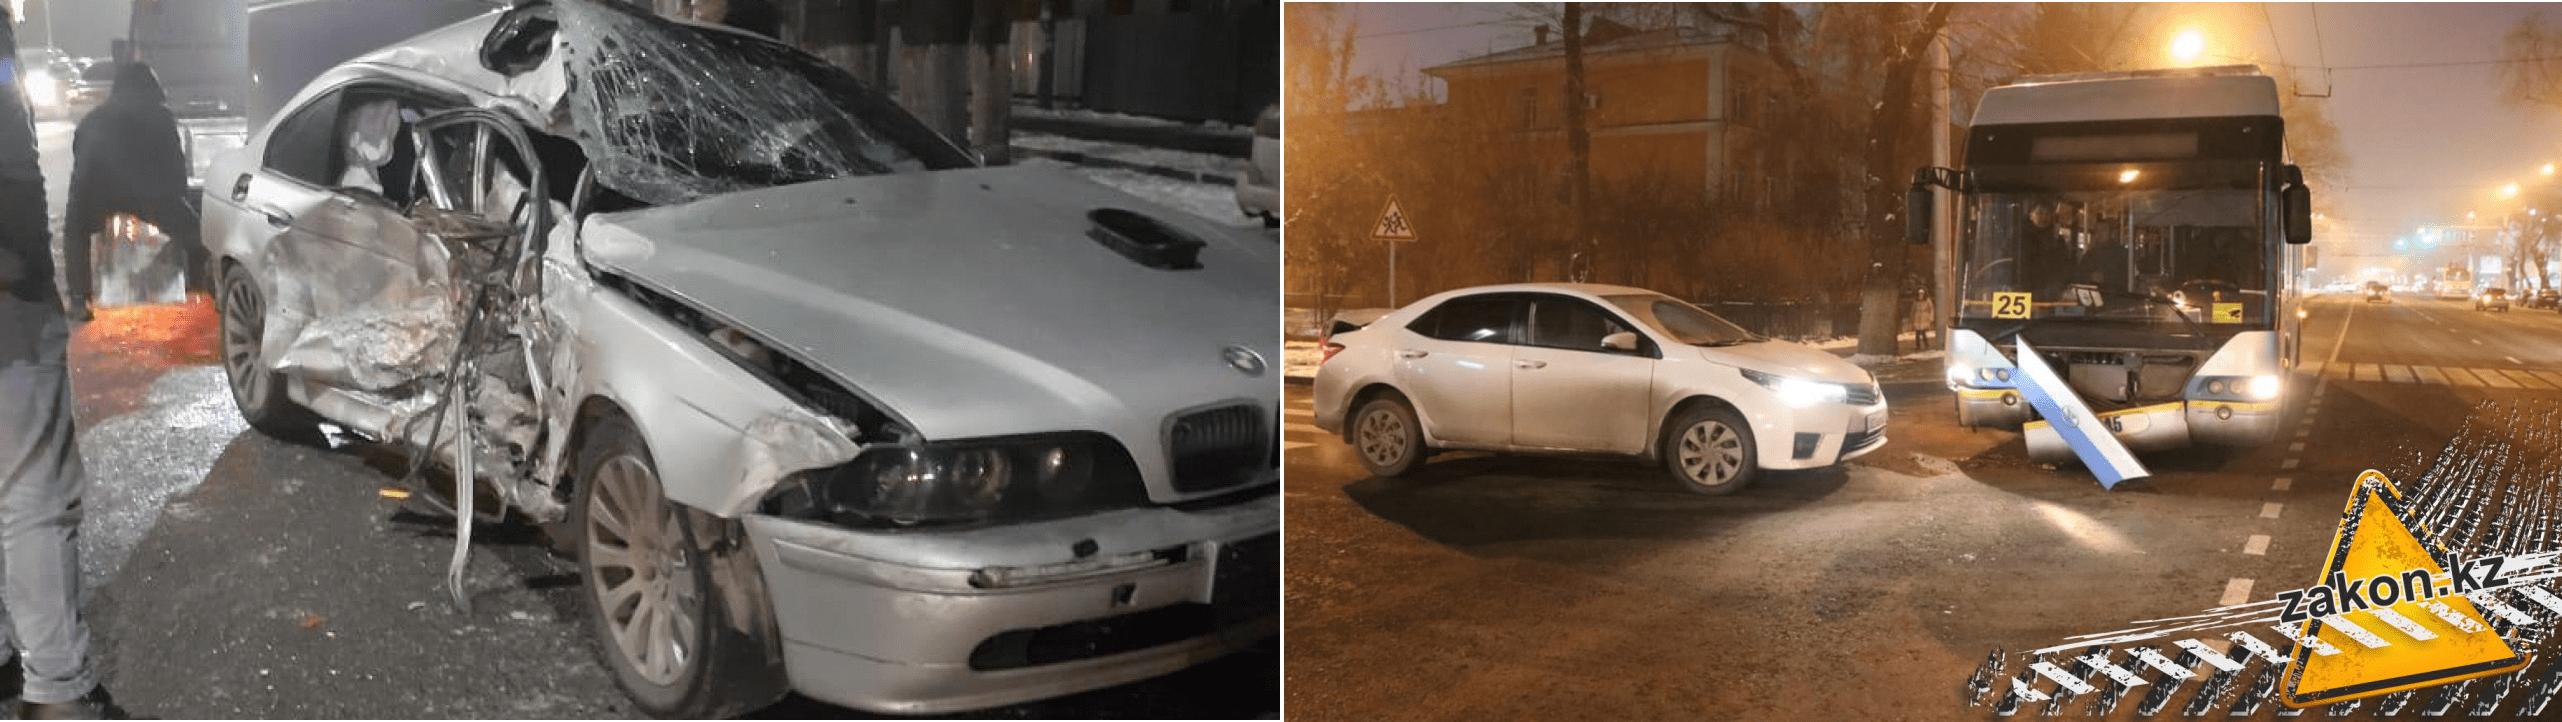 Два автомобиля столкнулись с общественным транспортом в Алматы